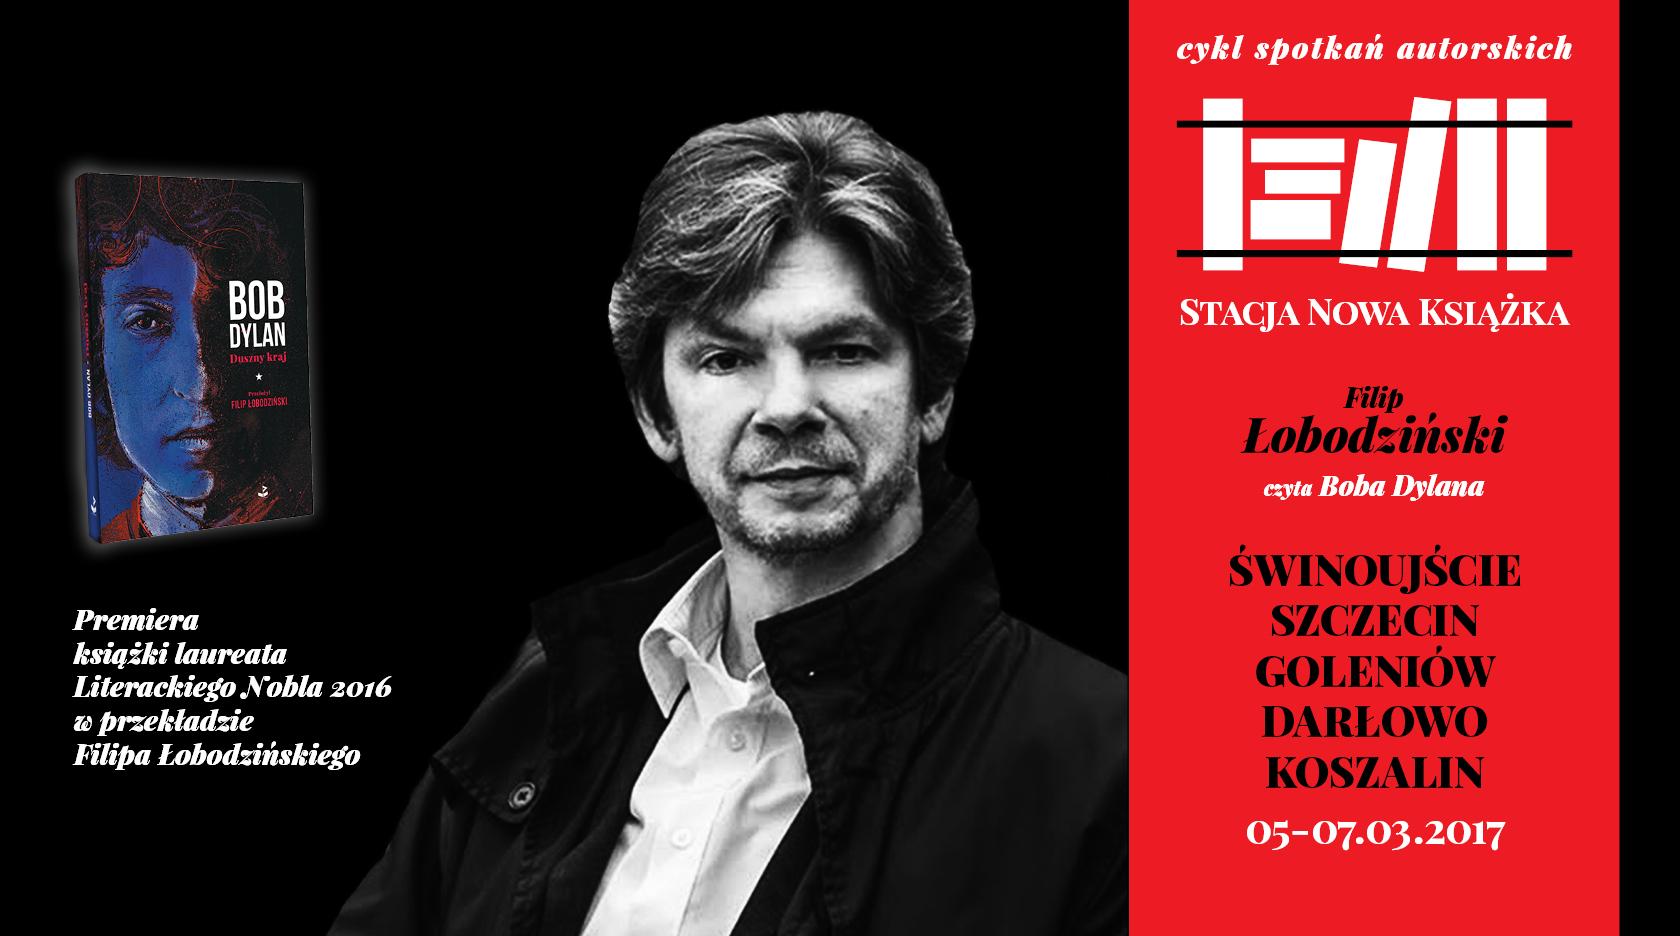 BL Img 2017.02.23 Stacja nowa książka Filip Łobodziński i Bob Dylan_www